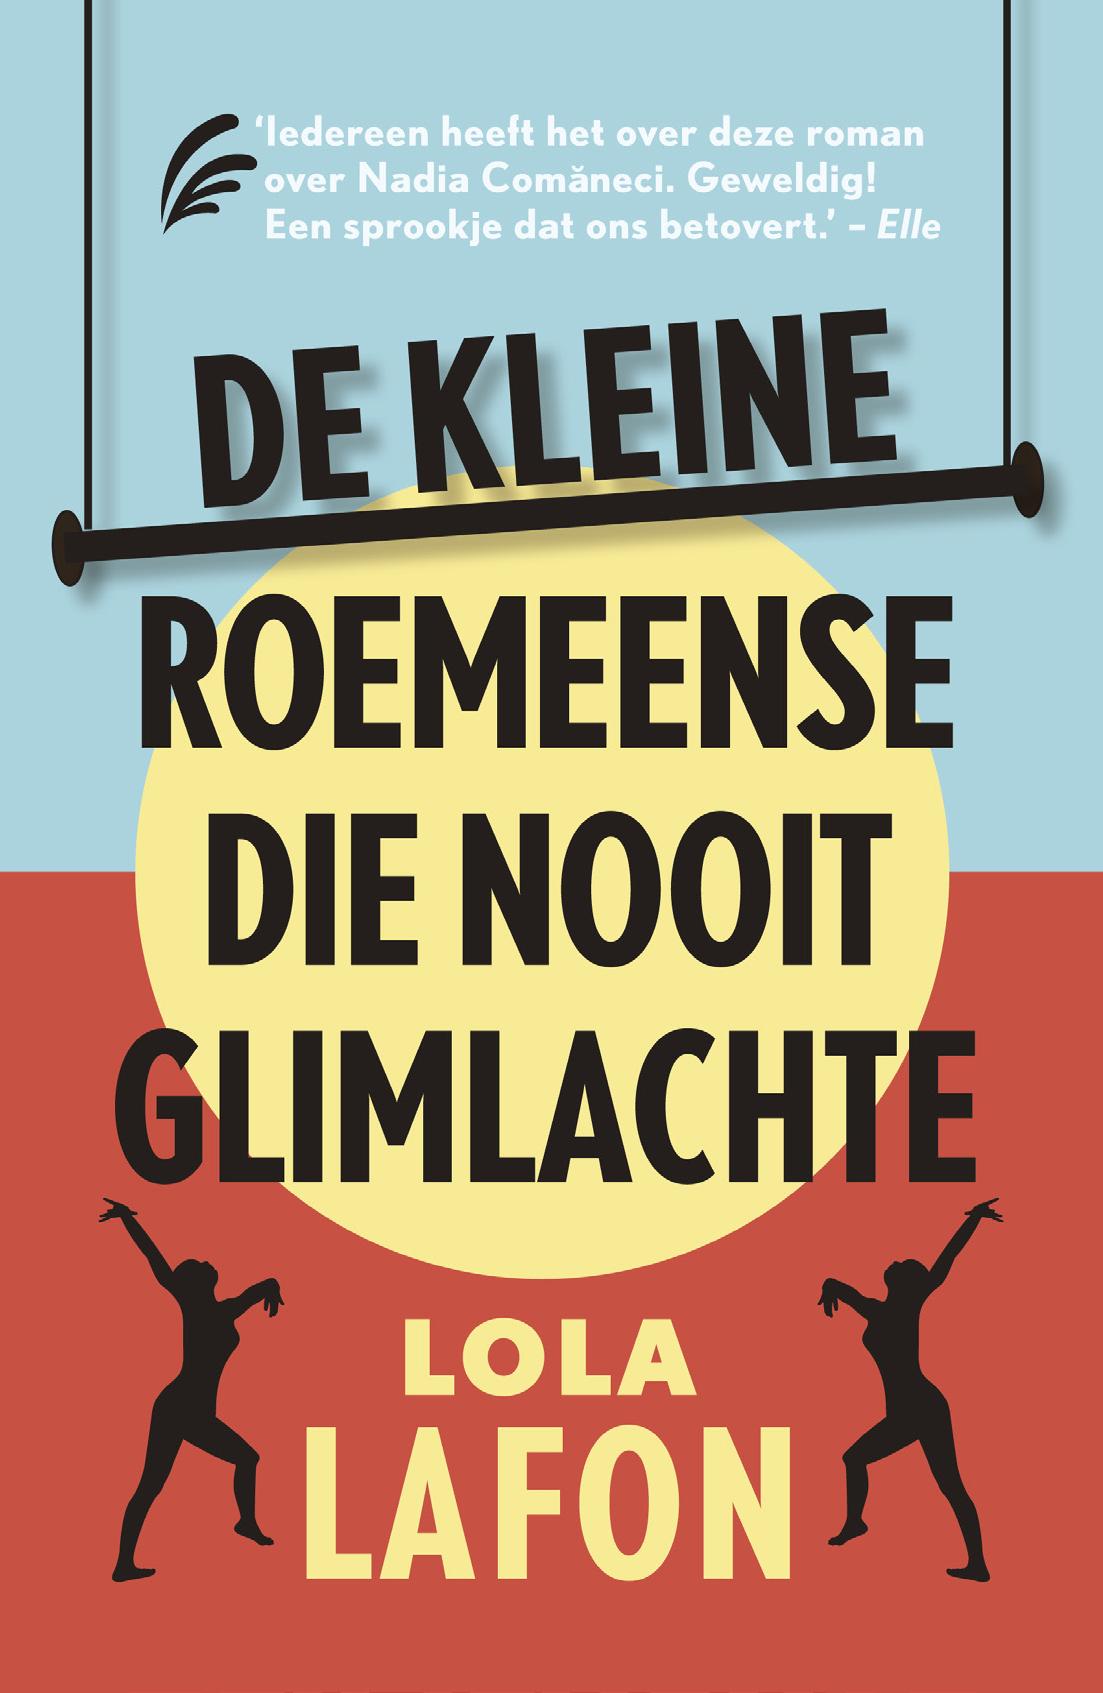 De kleine Roemeense die nooit glimlachte – Lola Lafon